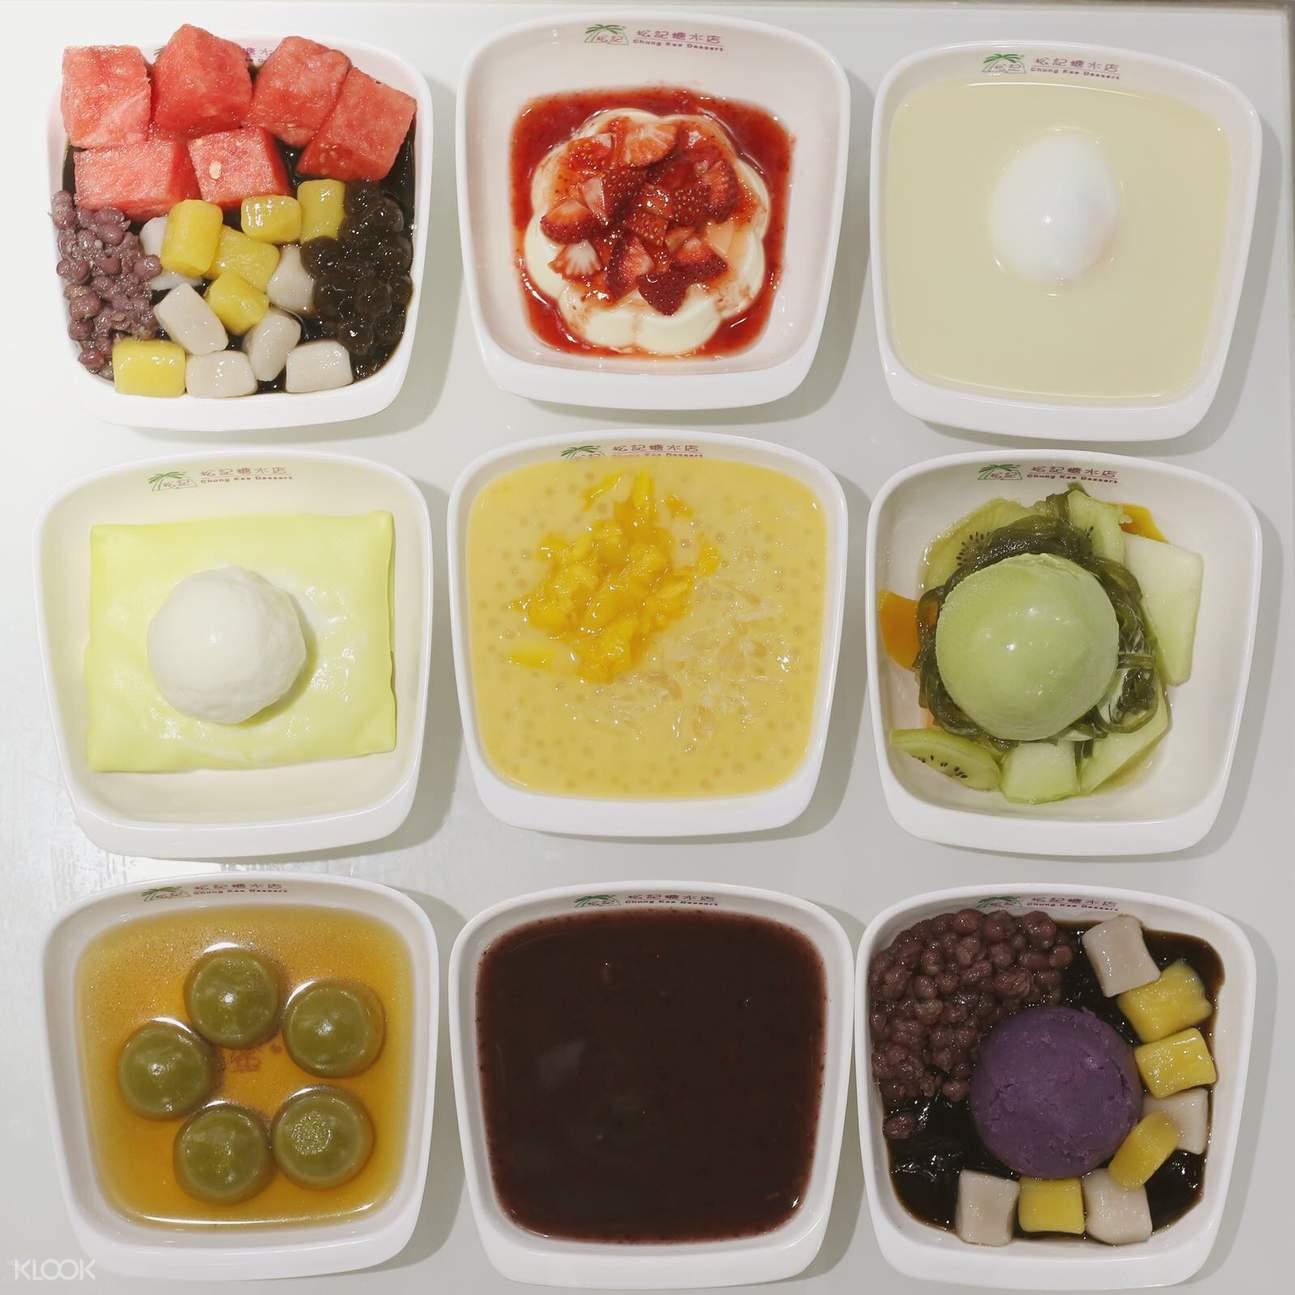 chung kee dessert sai wan hong kong